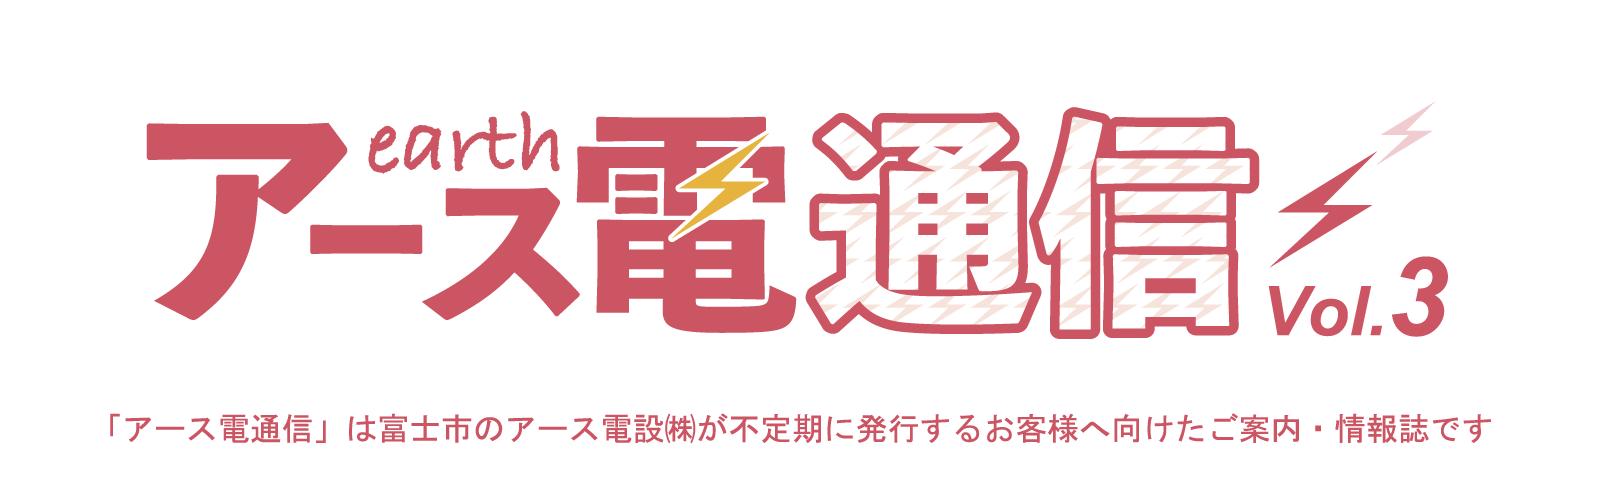 アース電通信vol.3。富士市のアース電設㈱が不定期に発行するお客様へ向けたご案内・情報誌です。